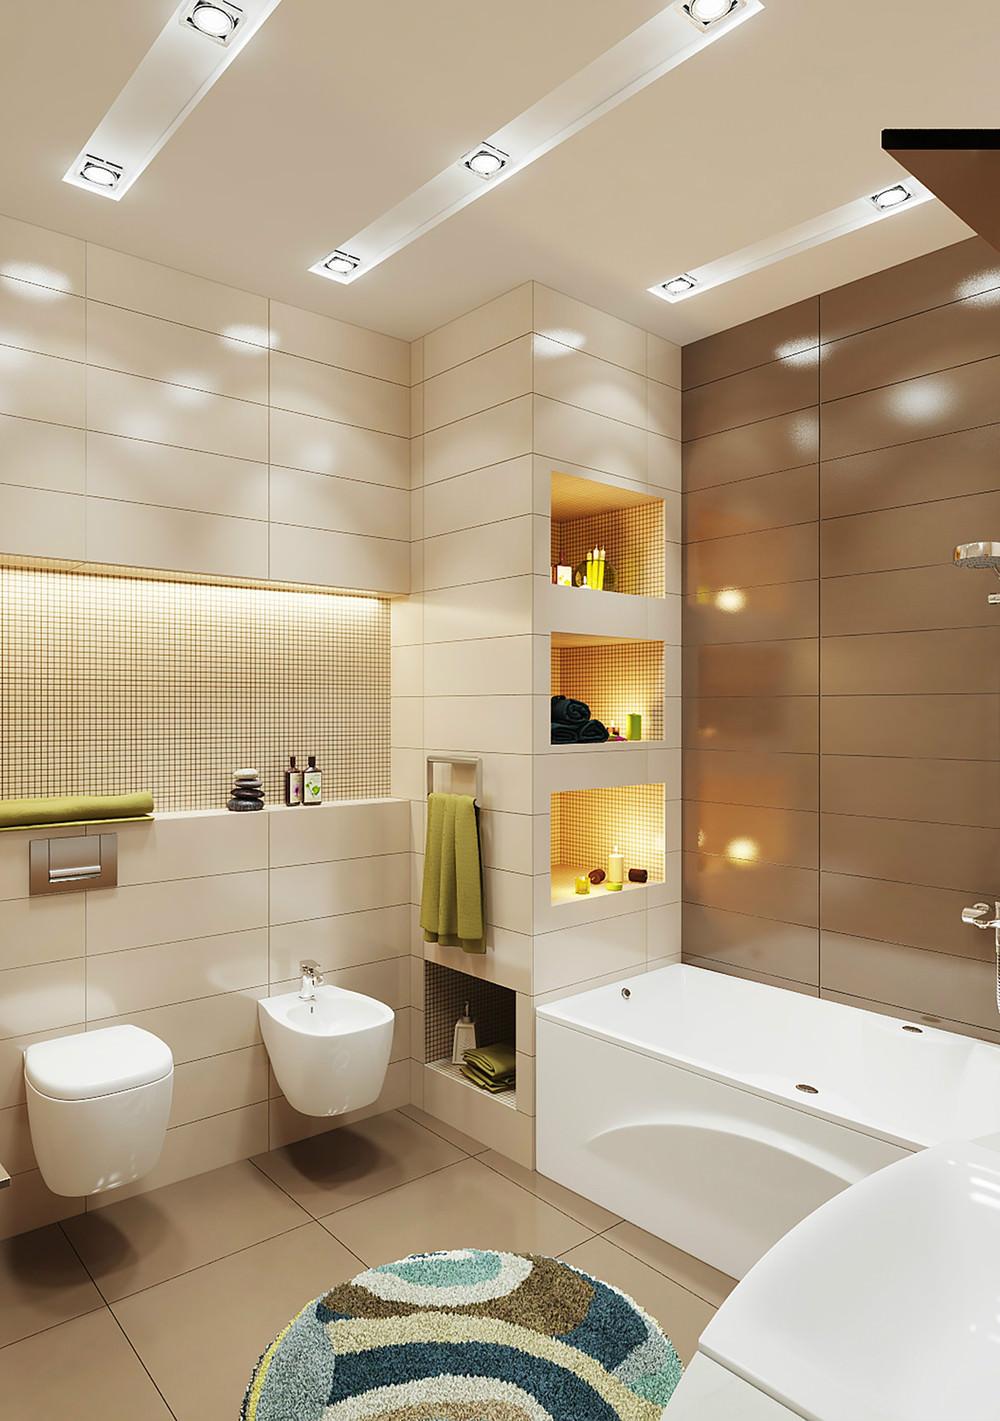 Просторная бежево-коричневая ванная комната